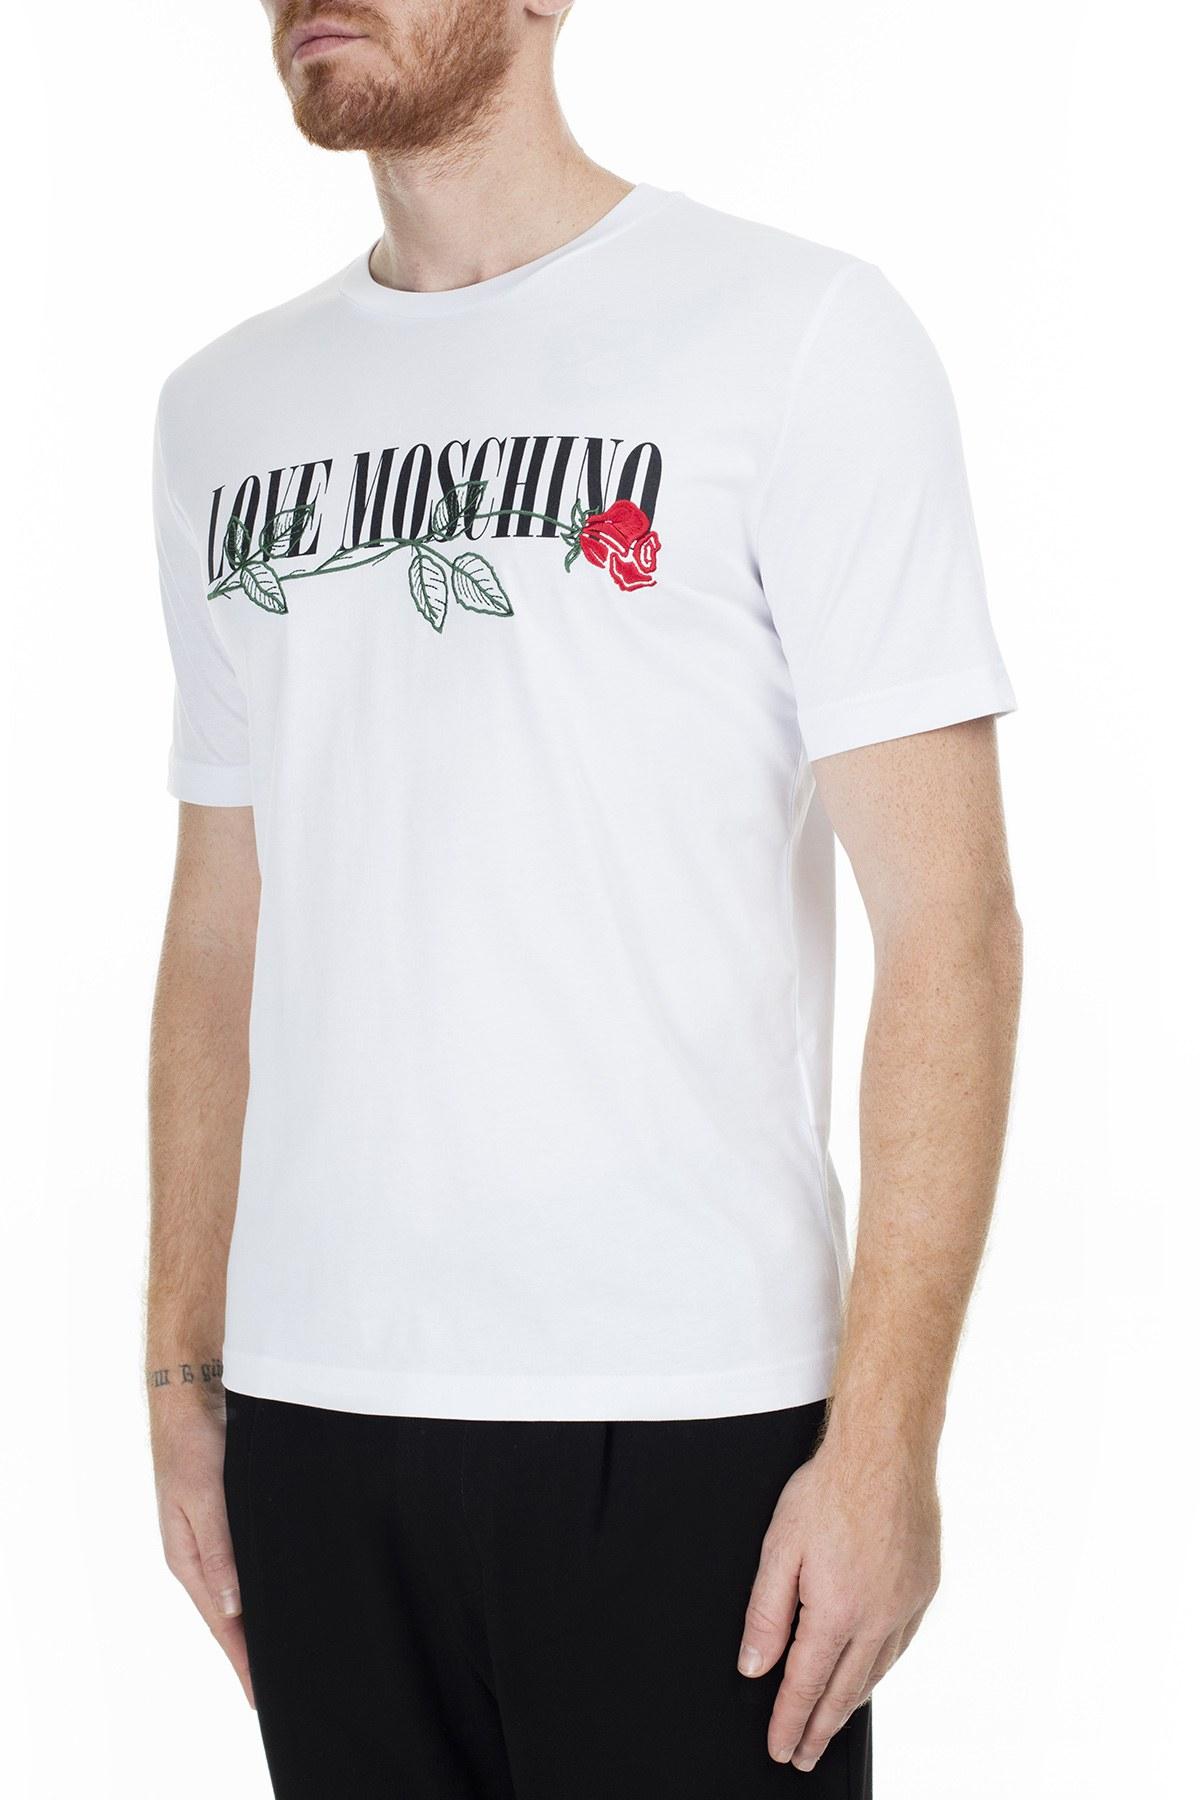 Love Moschino Erkek T Shirt S M47323JM3876 A00 BEYAZ